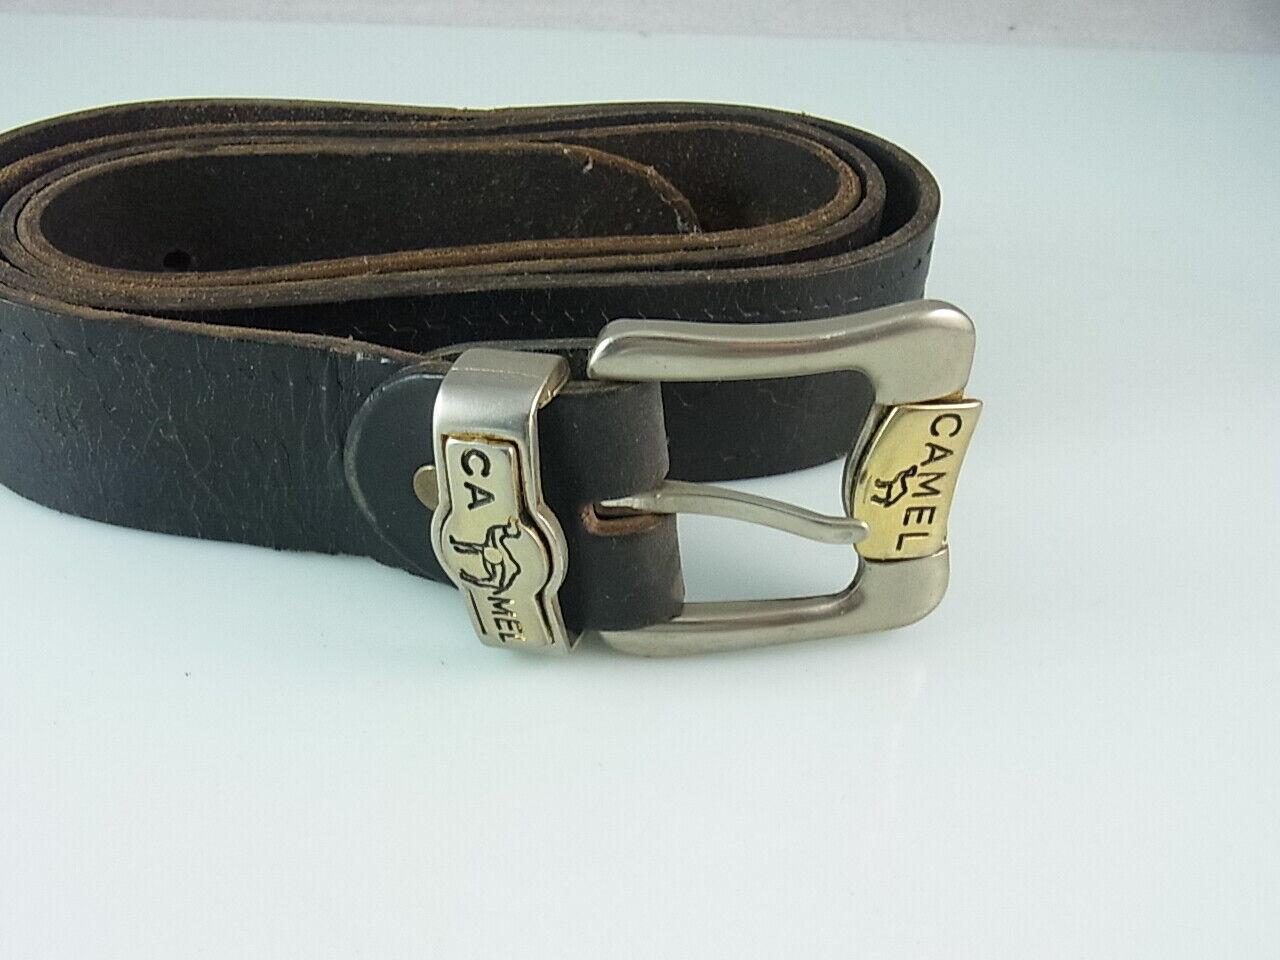 Camel Leather Belt 38 mm Vintage Leather Belt